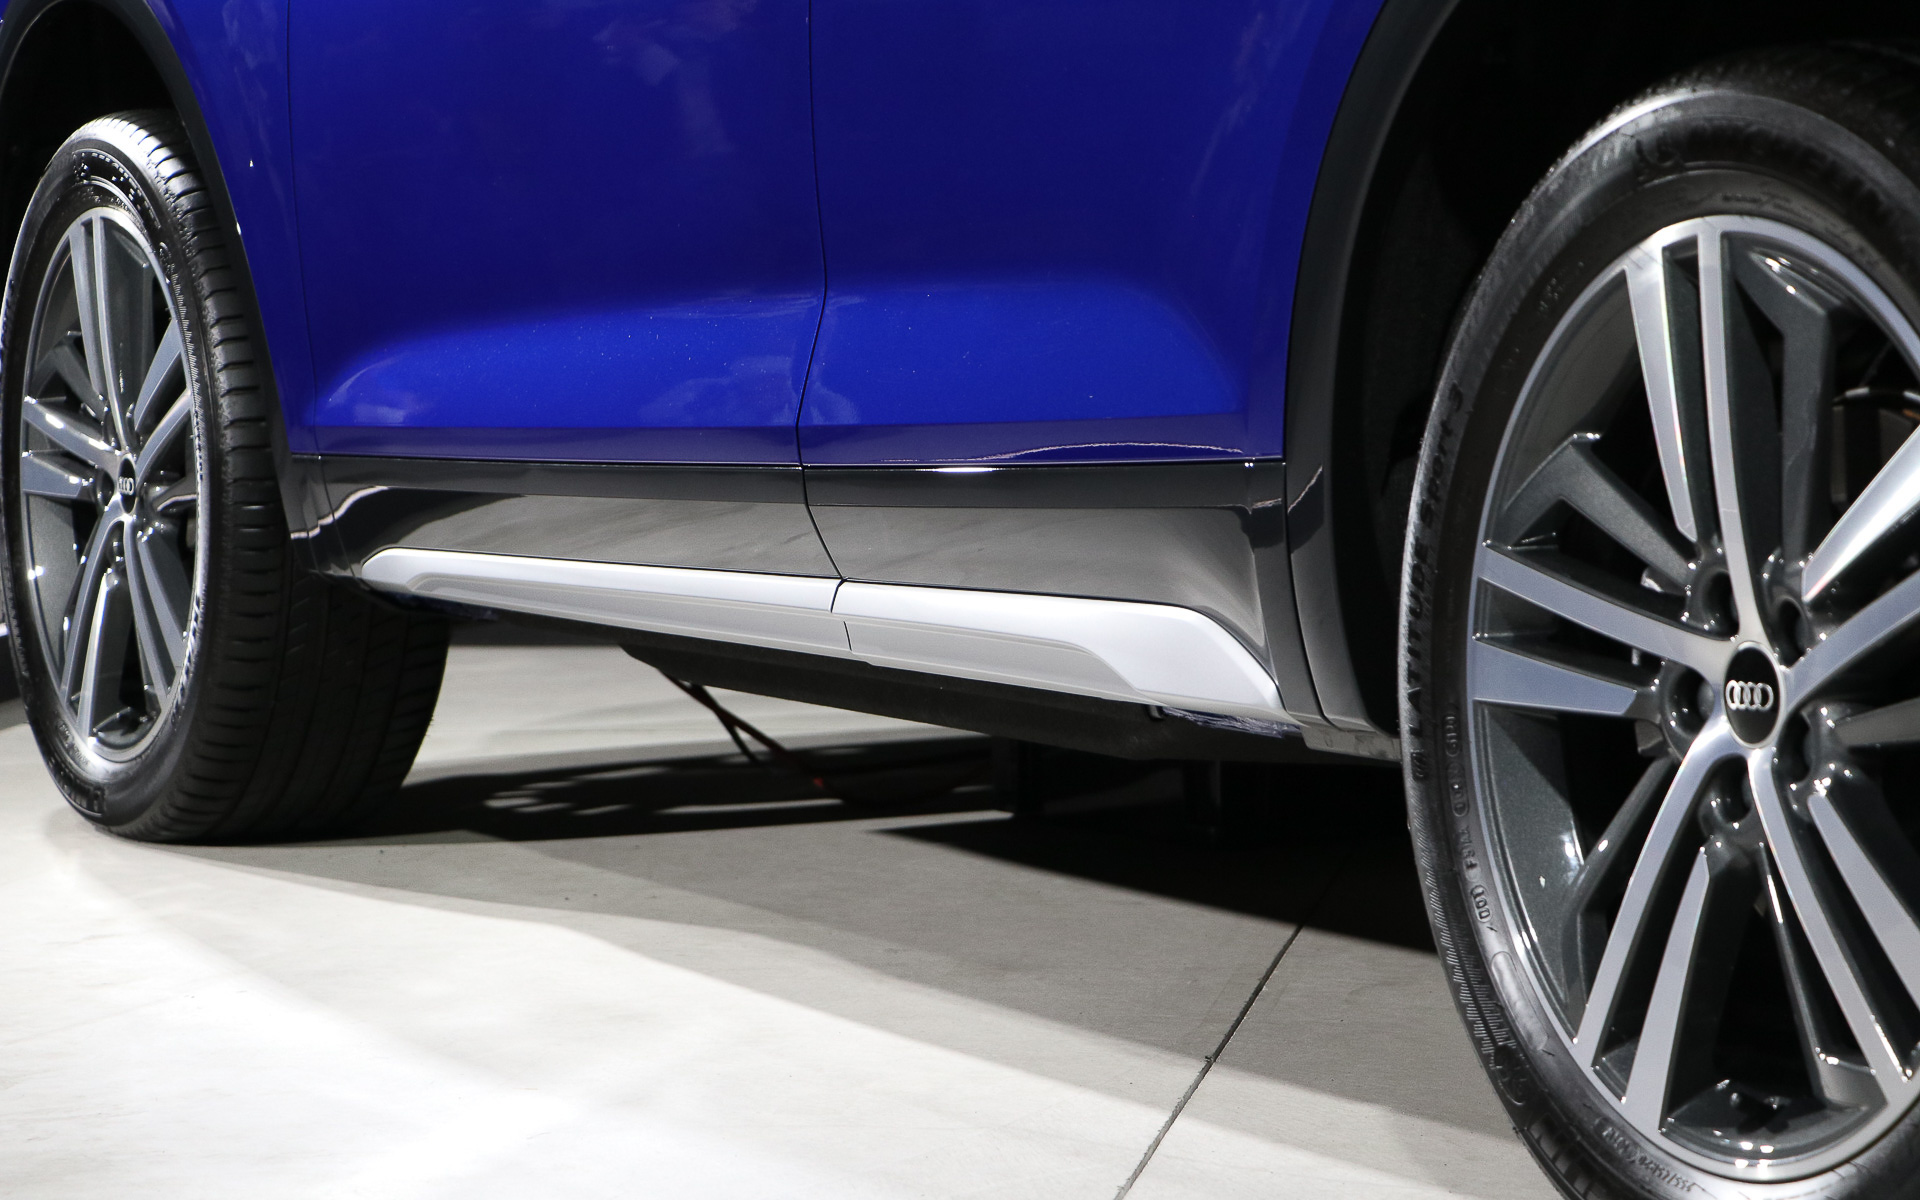 ボディ下側にシルバーのラインを入れることで低さとワイド感を強調。2本出しのマフラーはボディ下部に配置され、後方からは見えないようにしている